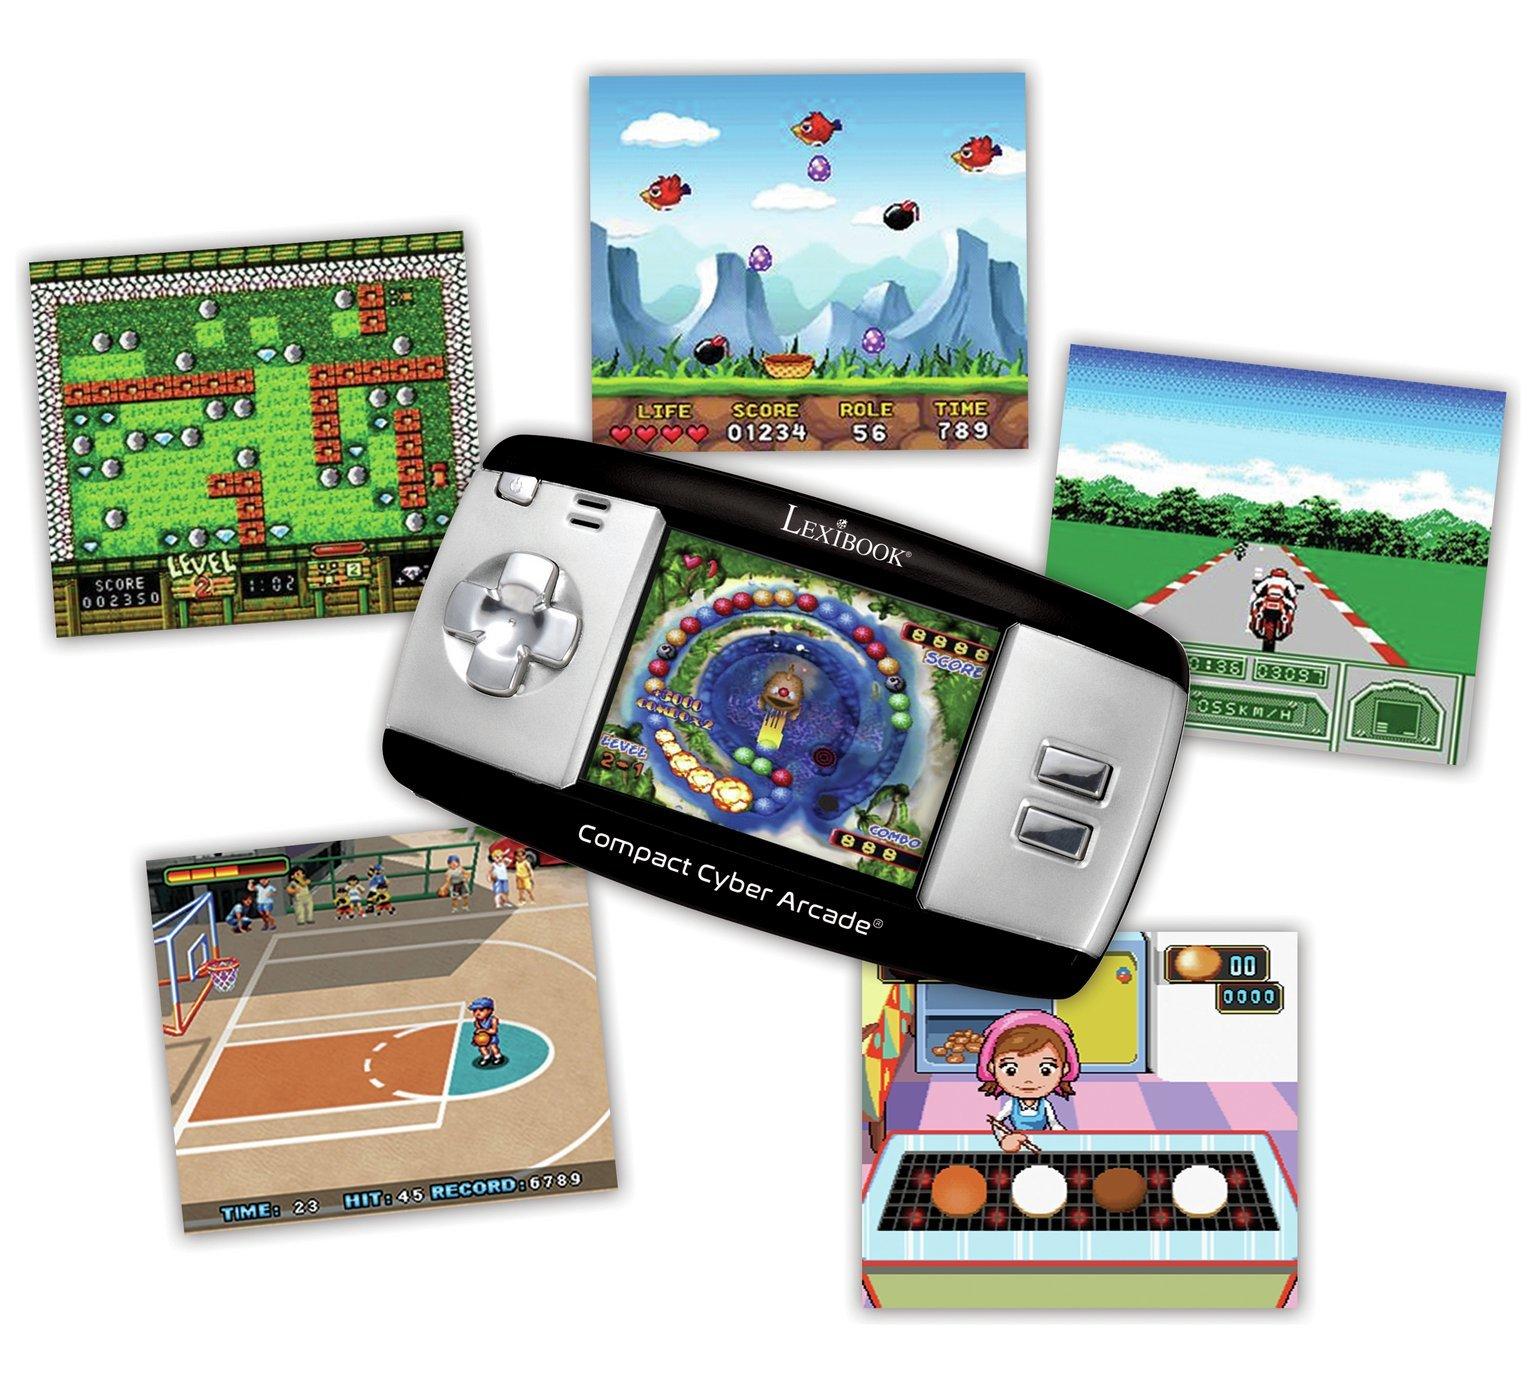 Lexibook compact cyber arcade 250 jeux jl2375 pas cher achat vente consoles et jeux - Console de jeux lexibook ...